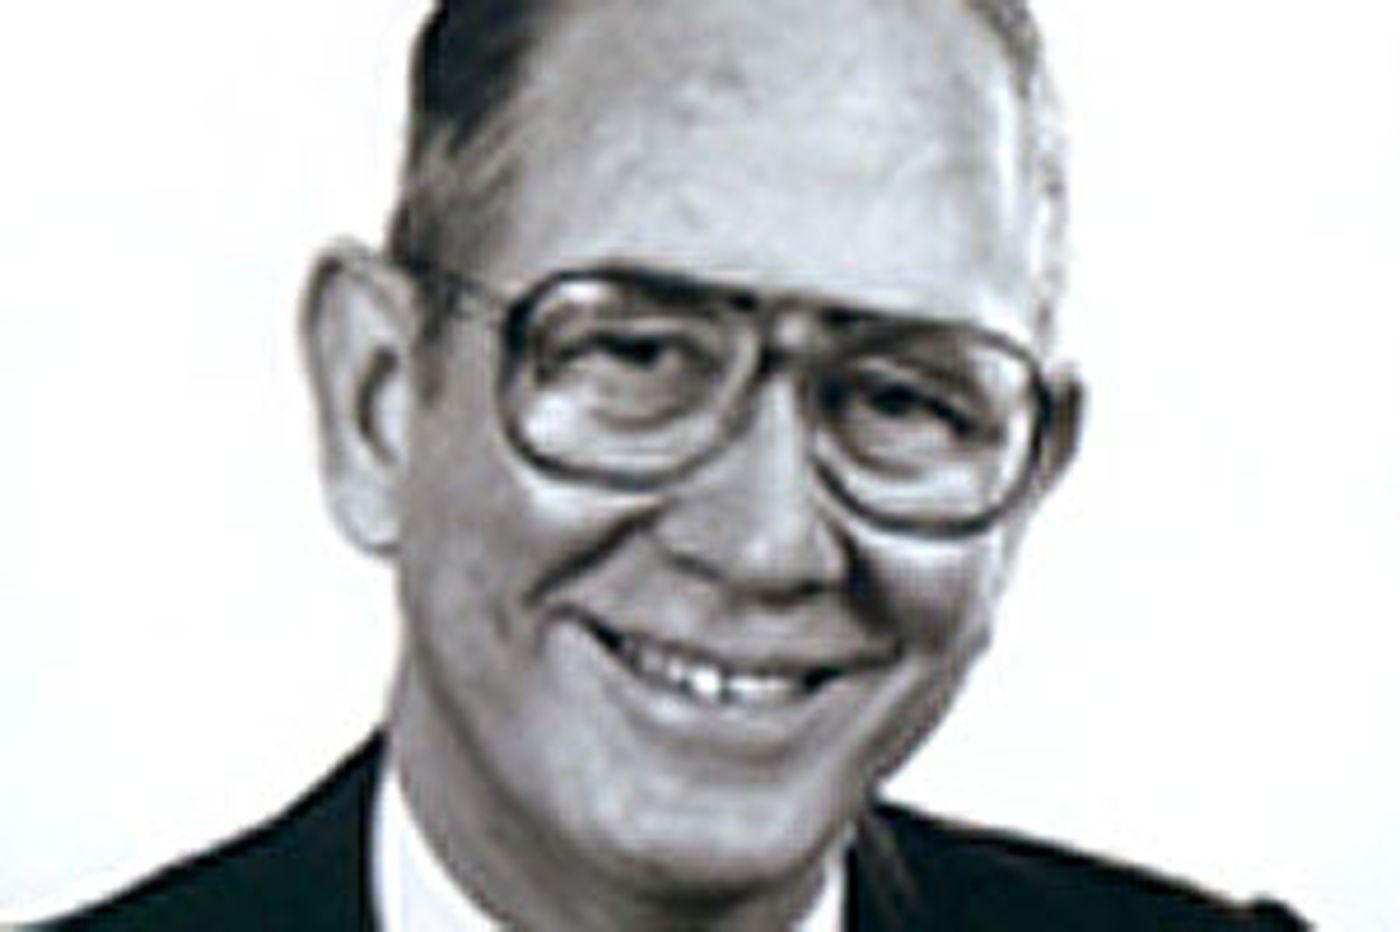 Edward Mullinix; was partner in a law firm